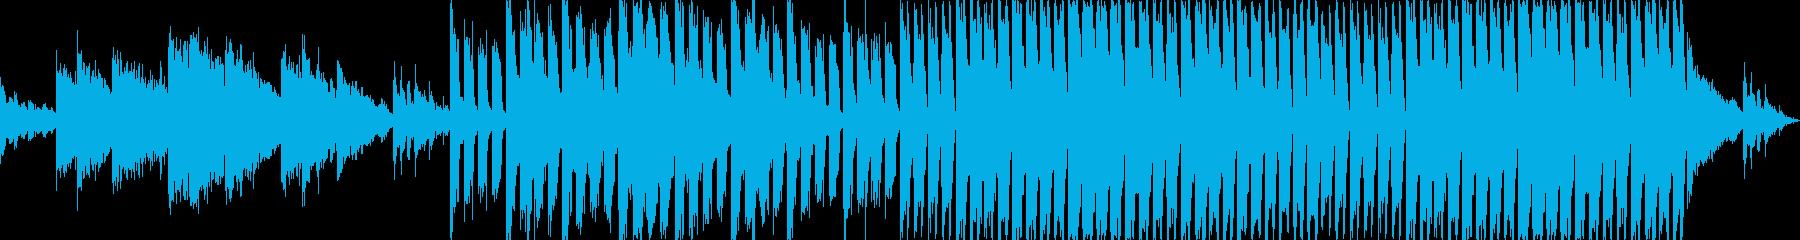 クラブハウスEDMサウンドBGM02の再生済みの波形